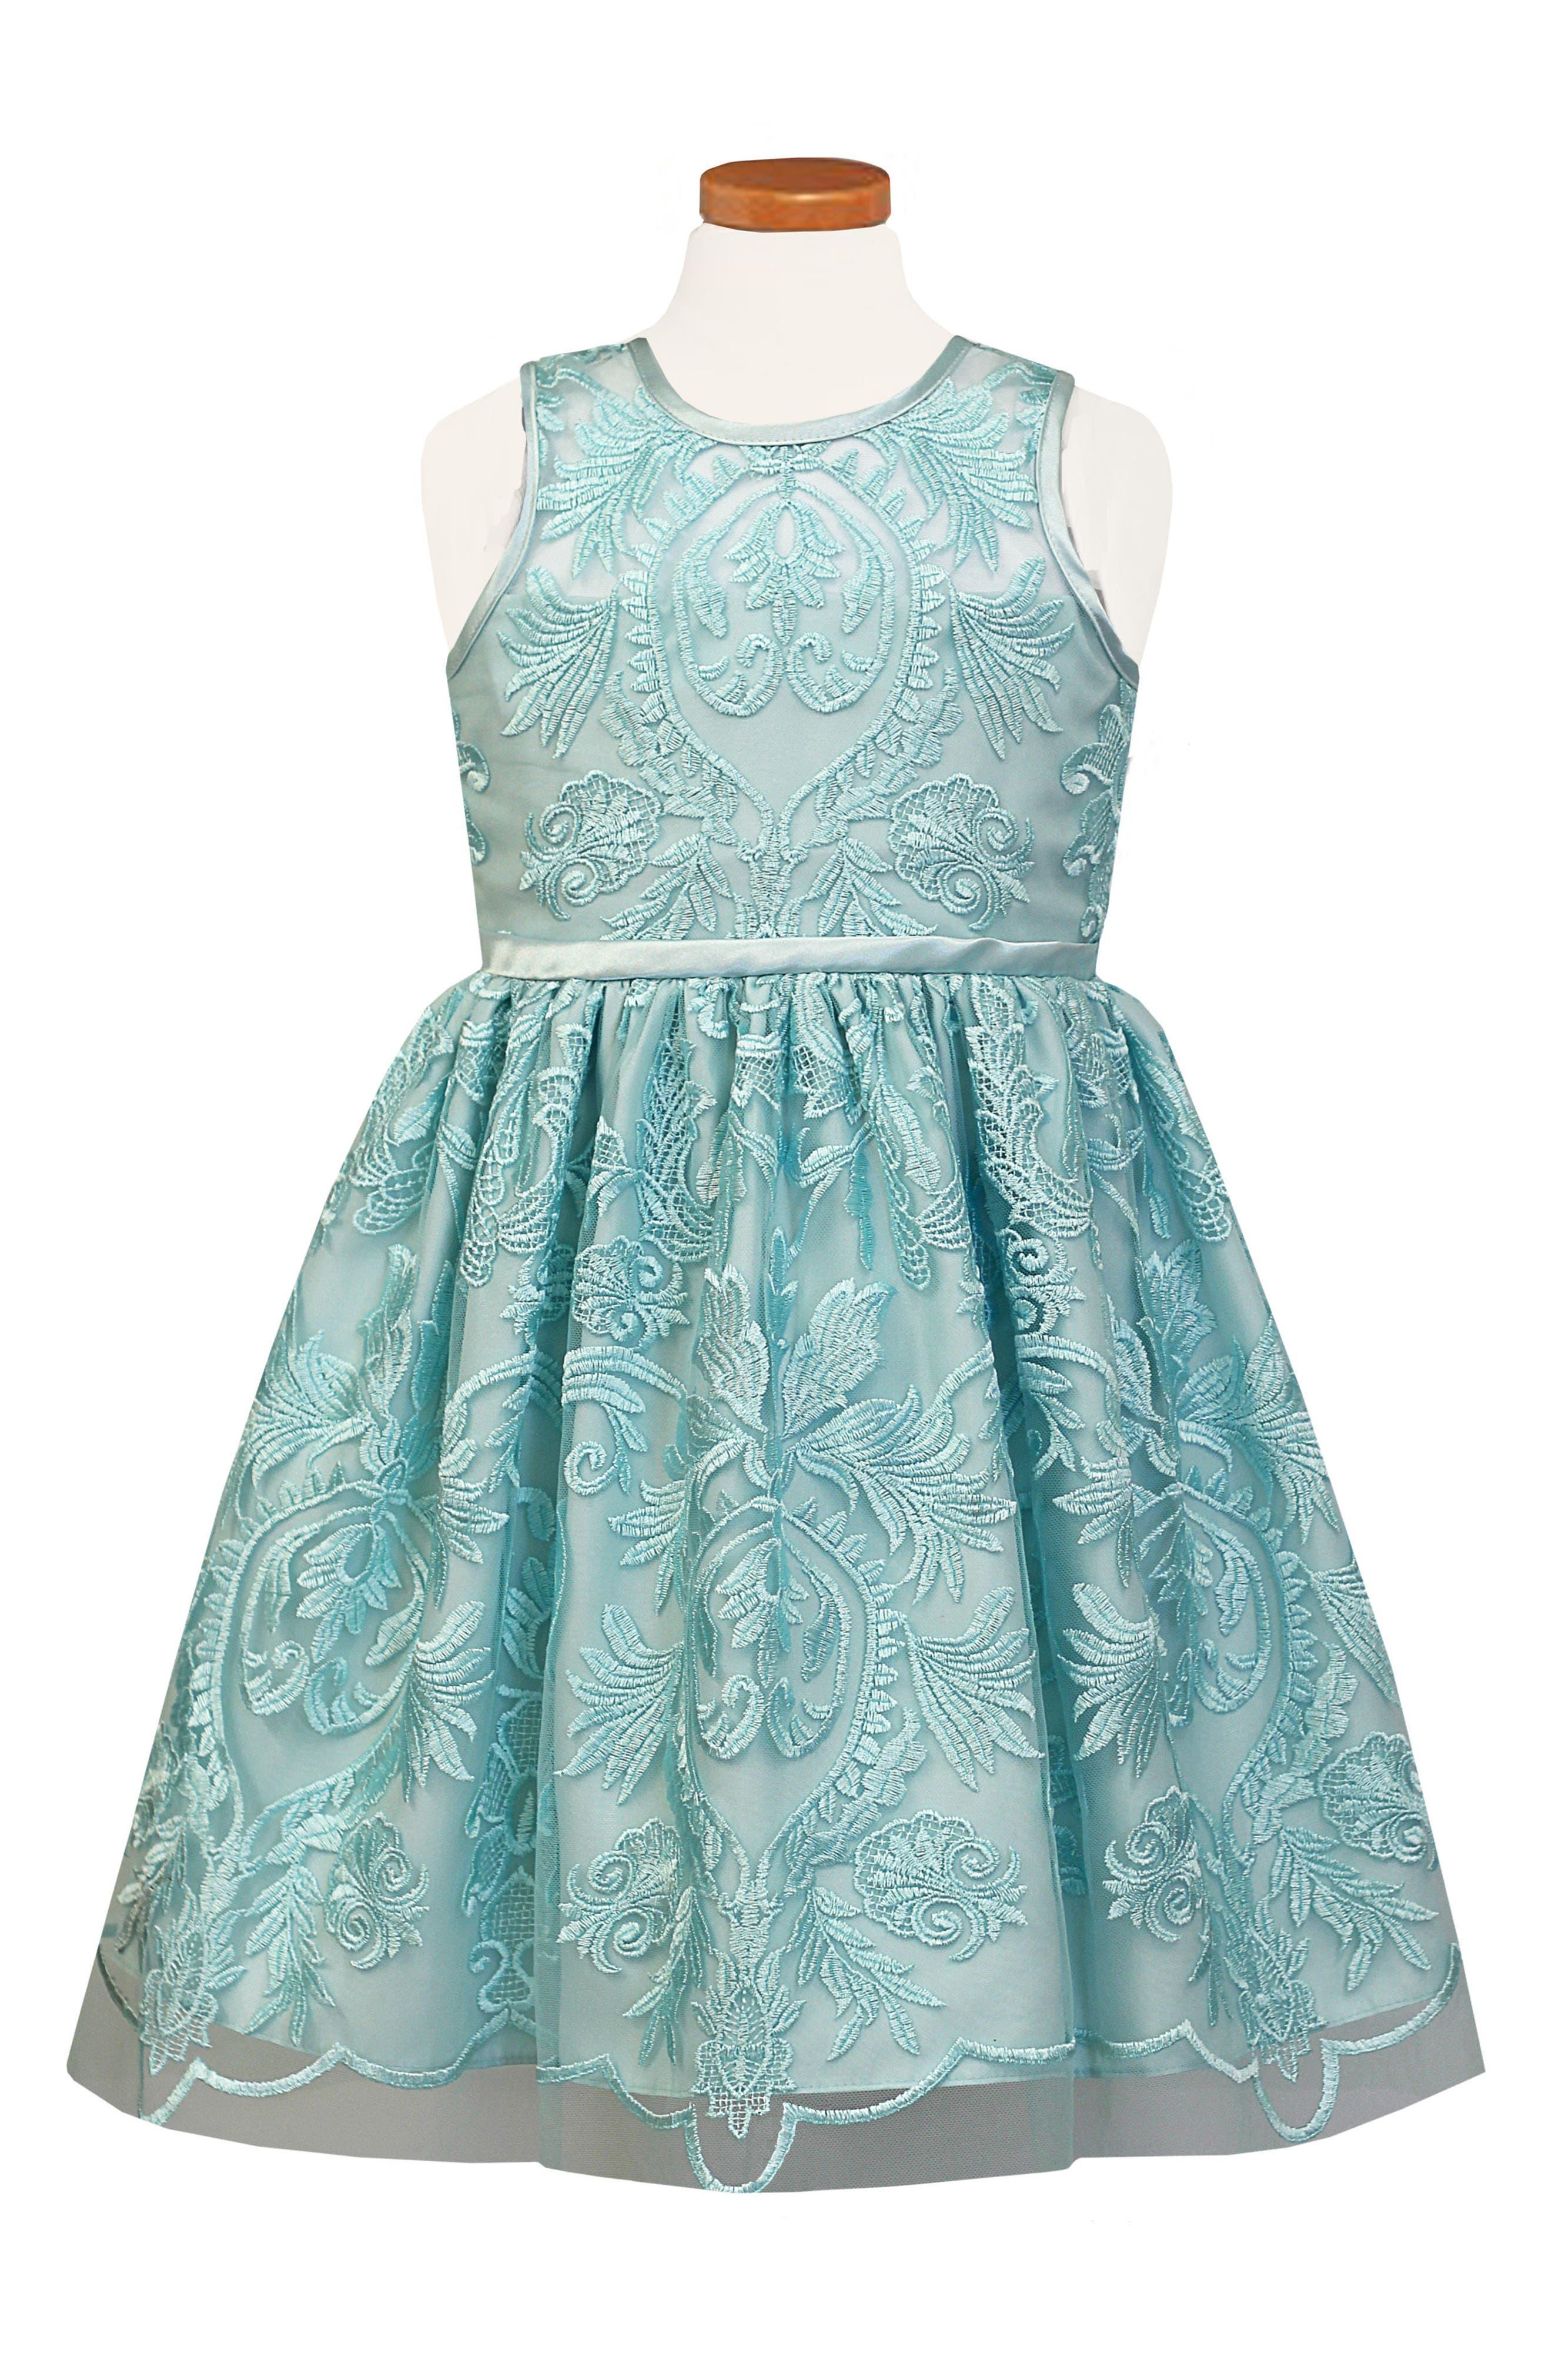 Alternate Image 1 Selected - Sorbet Embroidered Fit & Flare Dress (Toddler Girls & Big Girls)